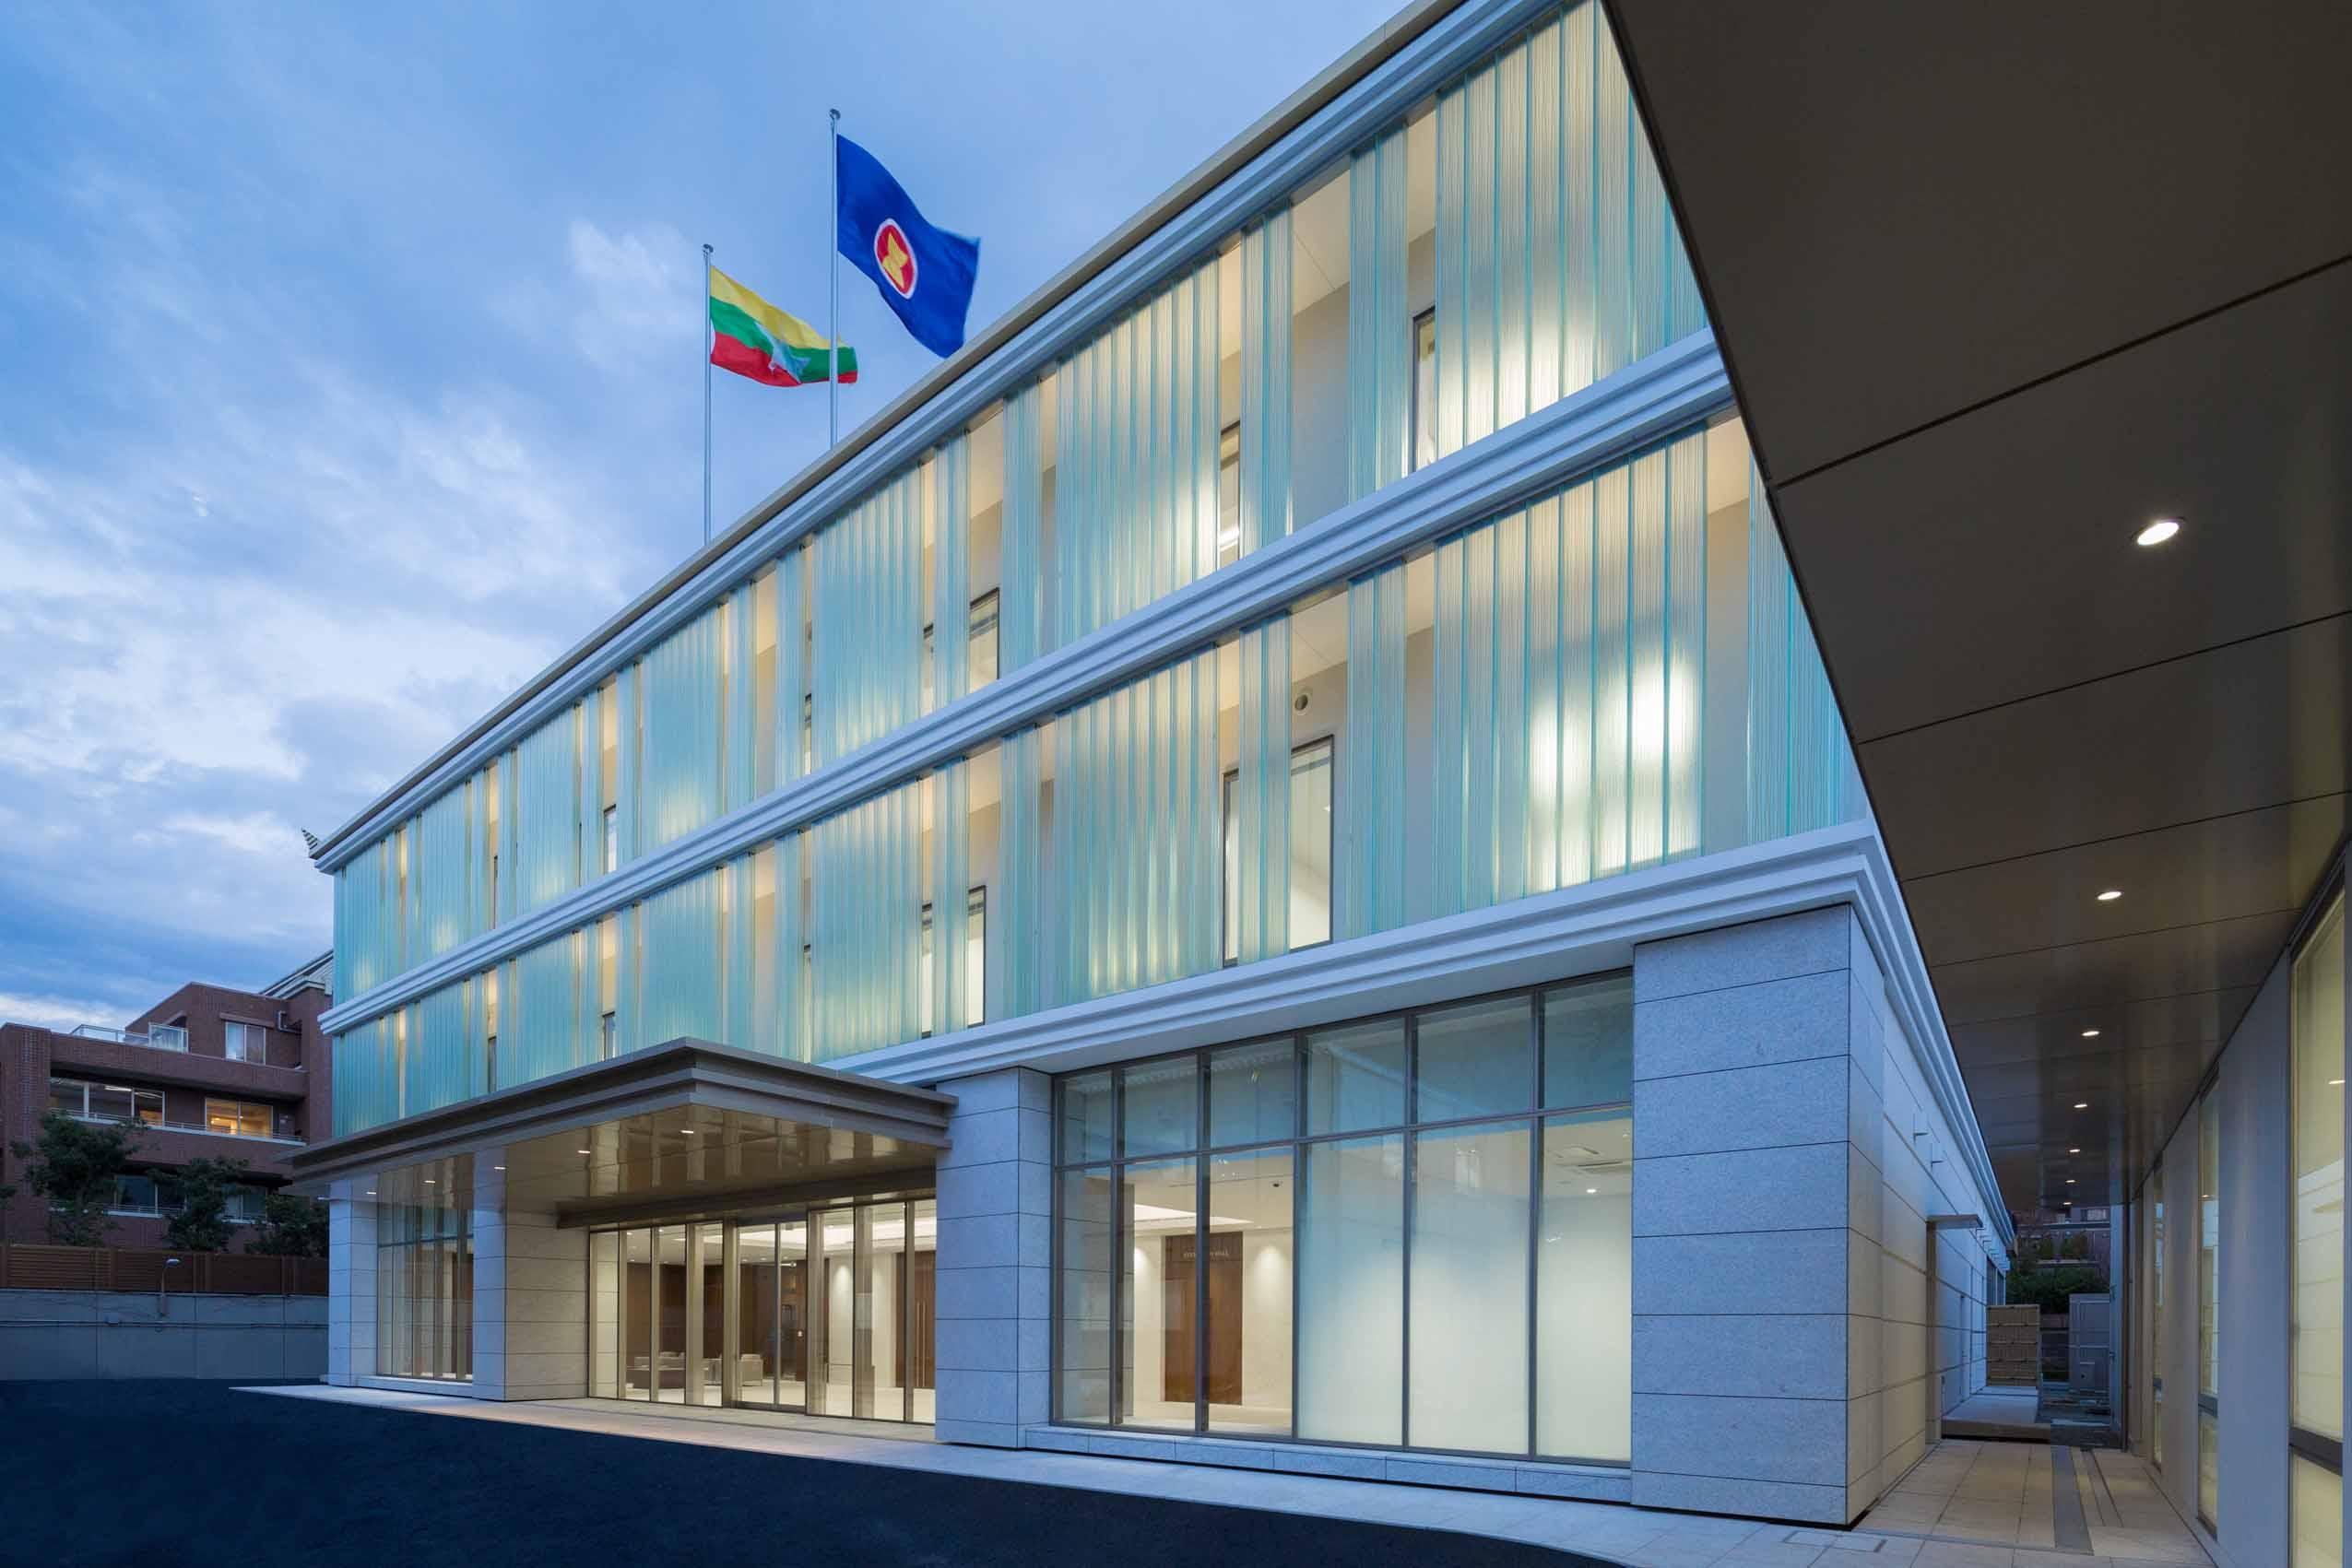 大使 館 ミャンマー 軍に批判的立場の駐英ミャンマー大使 大使館から閉め出される